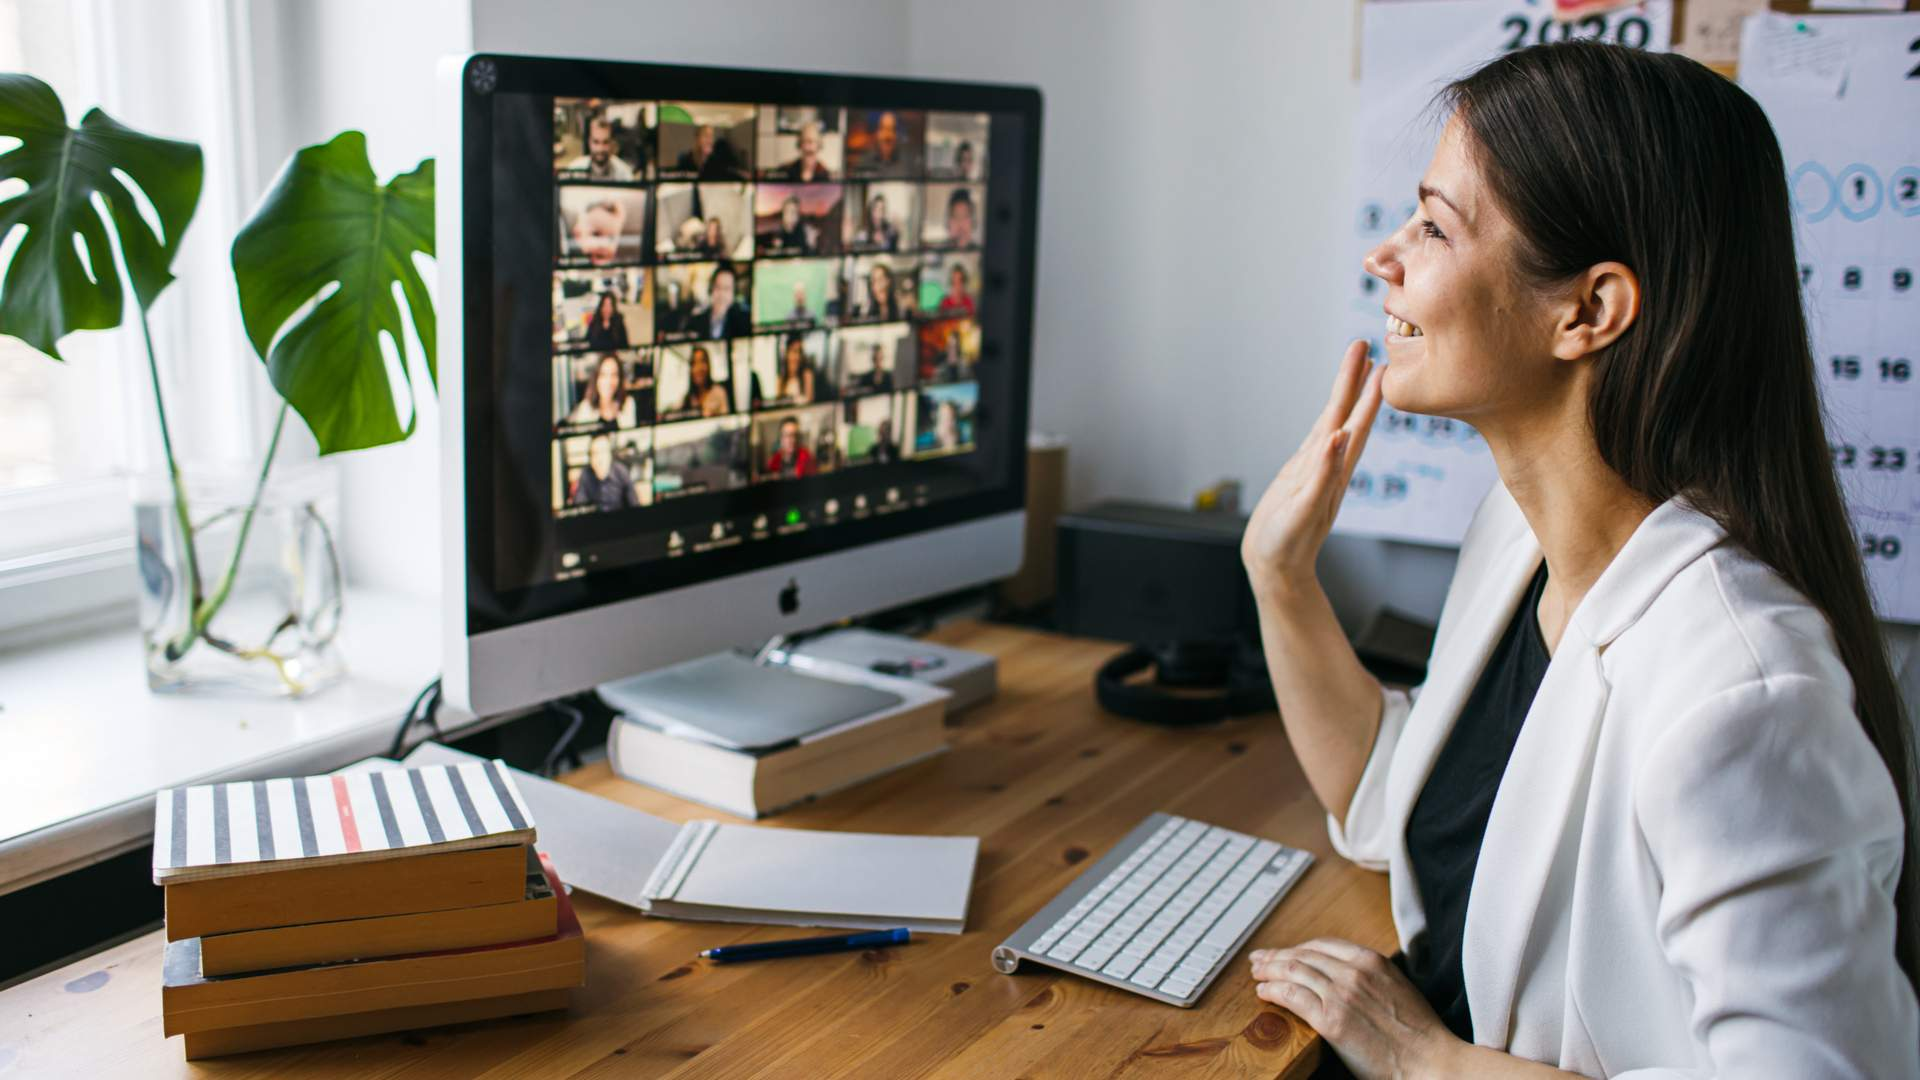 O Zoom Meetings, na sua versão gratuita, permite reuniões de até 100 pessoas por no máximo 40 minutos (Foto: Shutterstock)